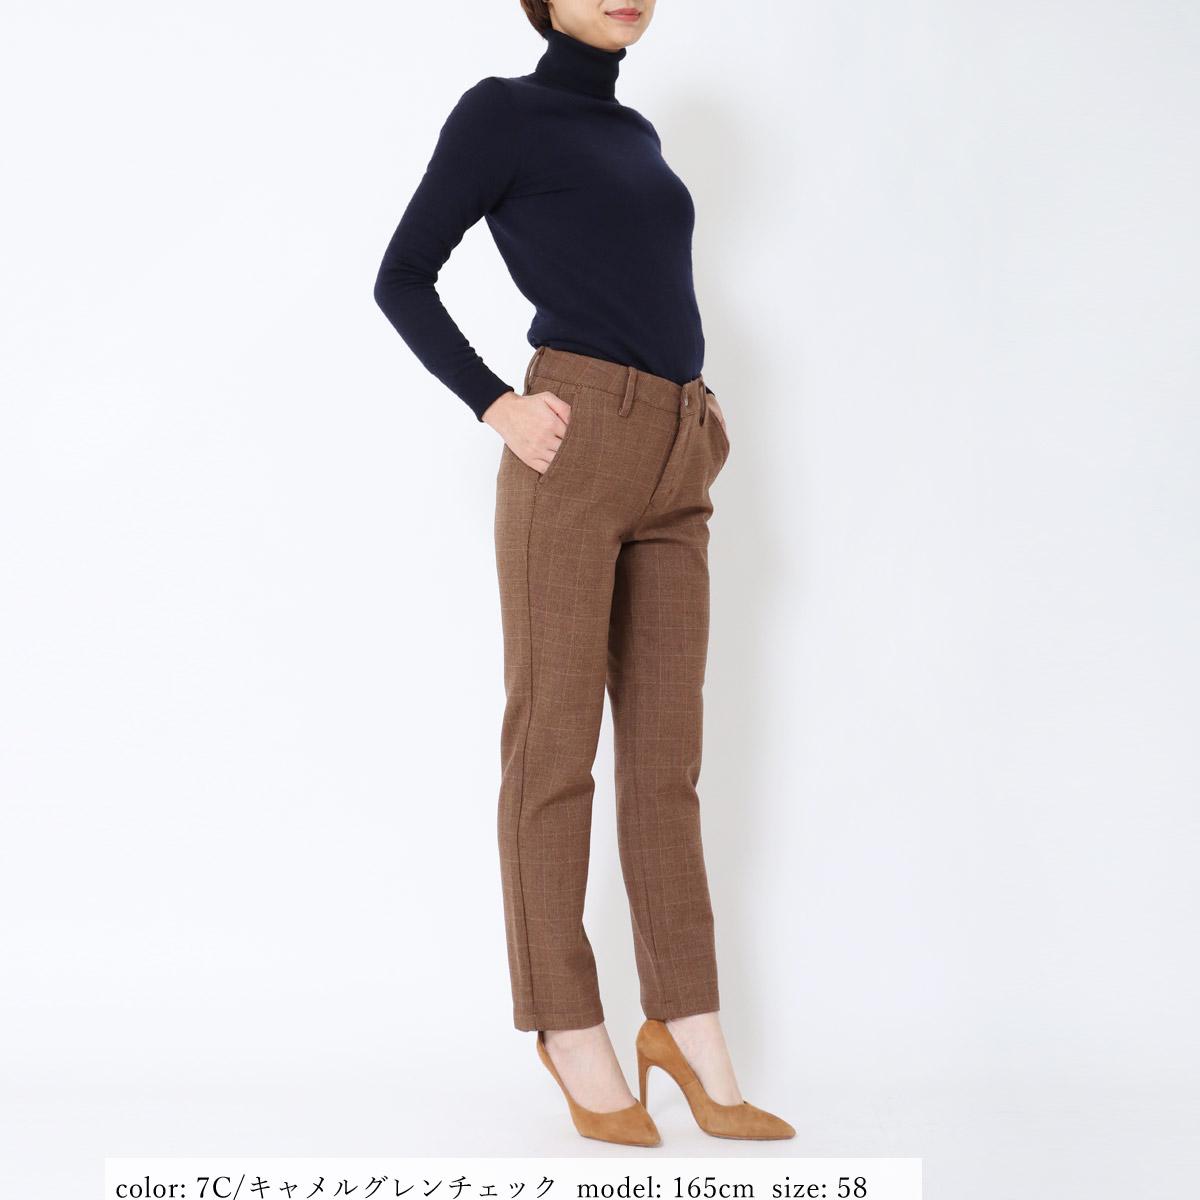 \全品ポイント5倍/【NEW SALE】Sweet Camel ■暖■ T/R2wayストレッチシガレットパンツ CA6426